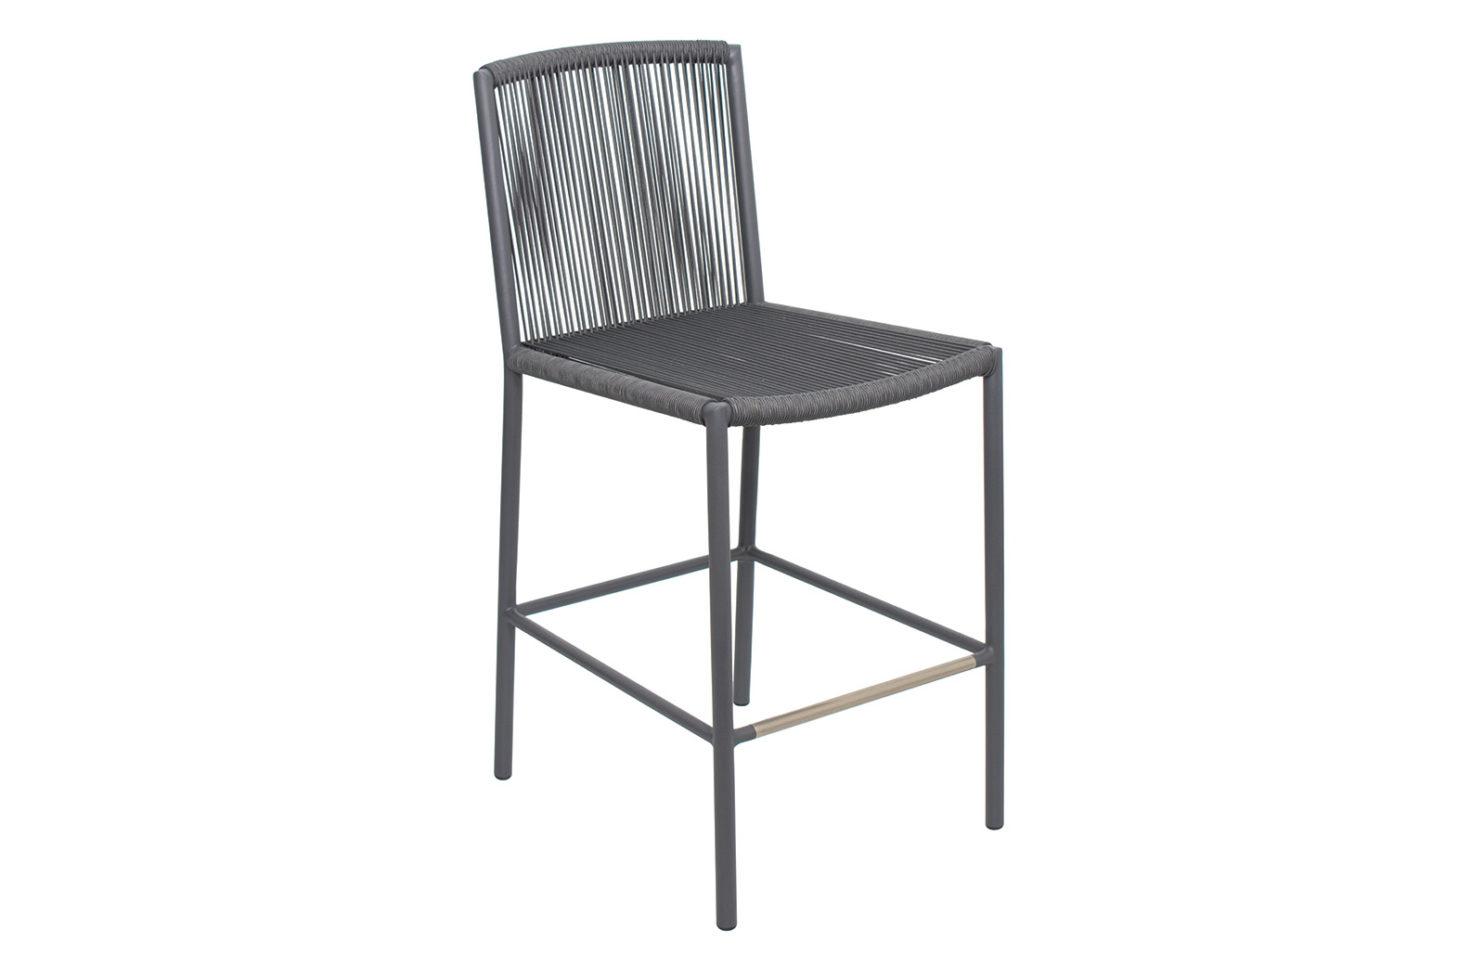 Archipelago Stockholm Counter Chair 620FT045P2DGP 1 3Q